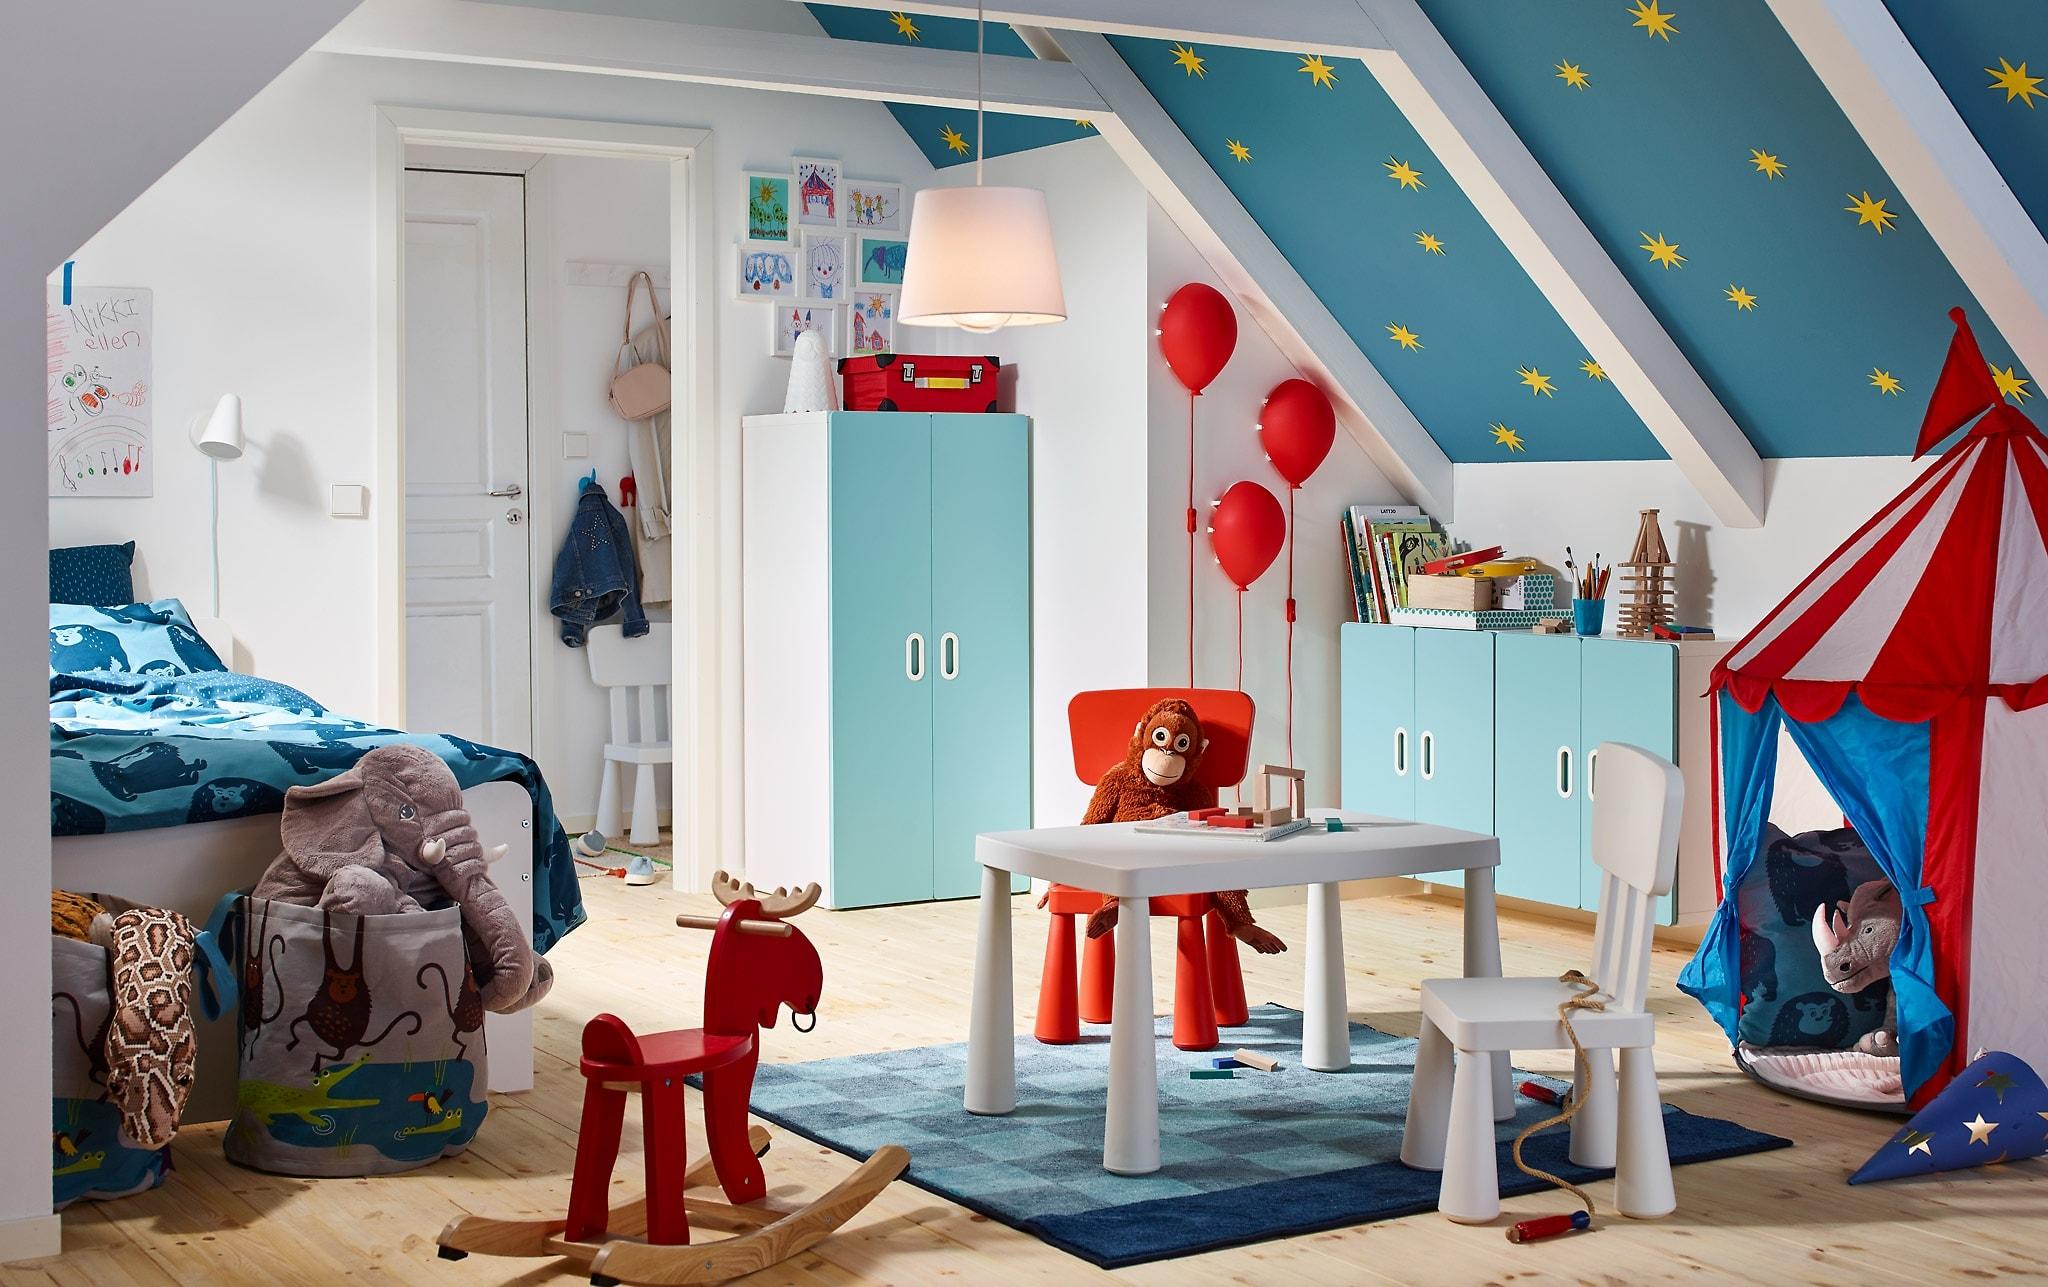 8 ایده برای تزئین دکوراسیون اتاق کودک